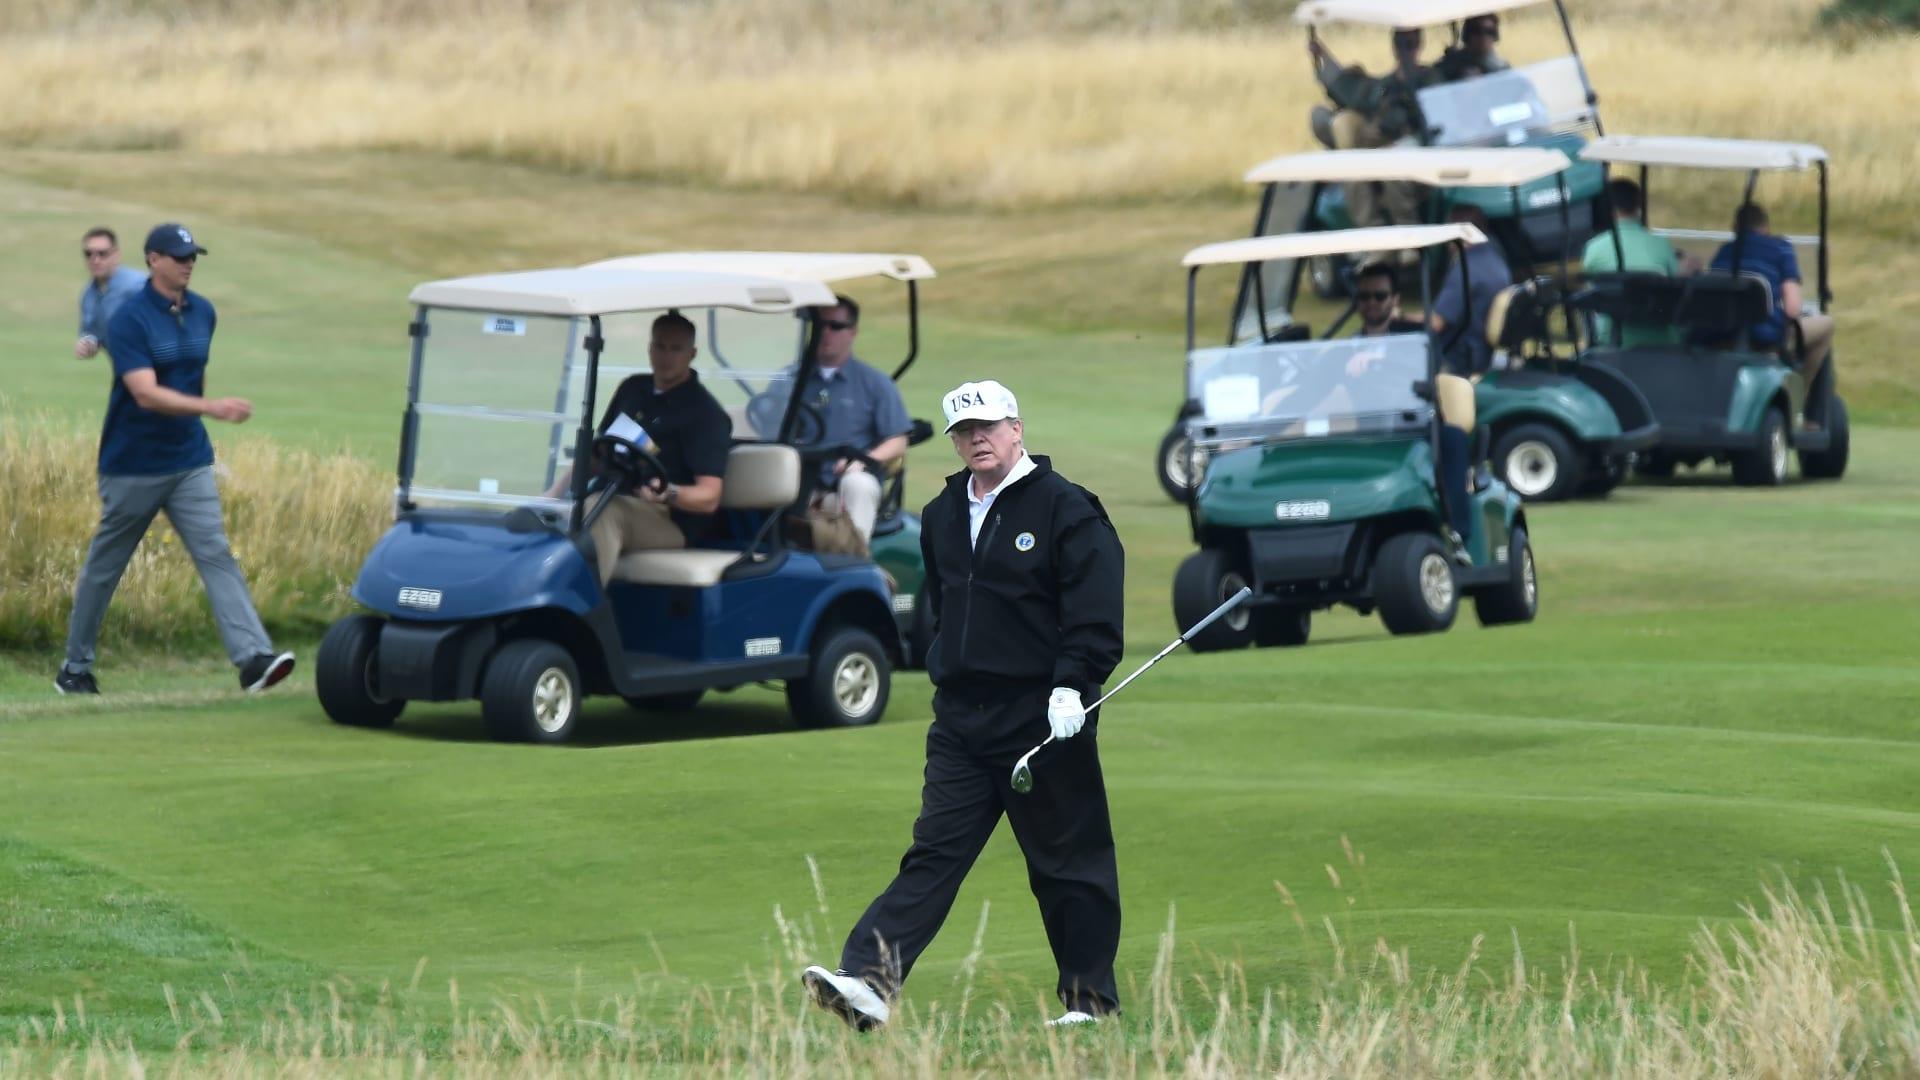 فاز بايدن وترامب يلعب الغولف.. مراسل CNN ينقل المشهد من أمام البيت الأبيض